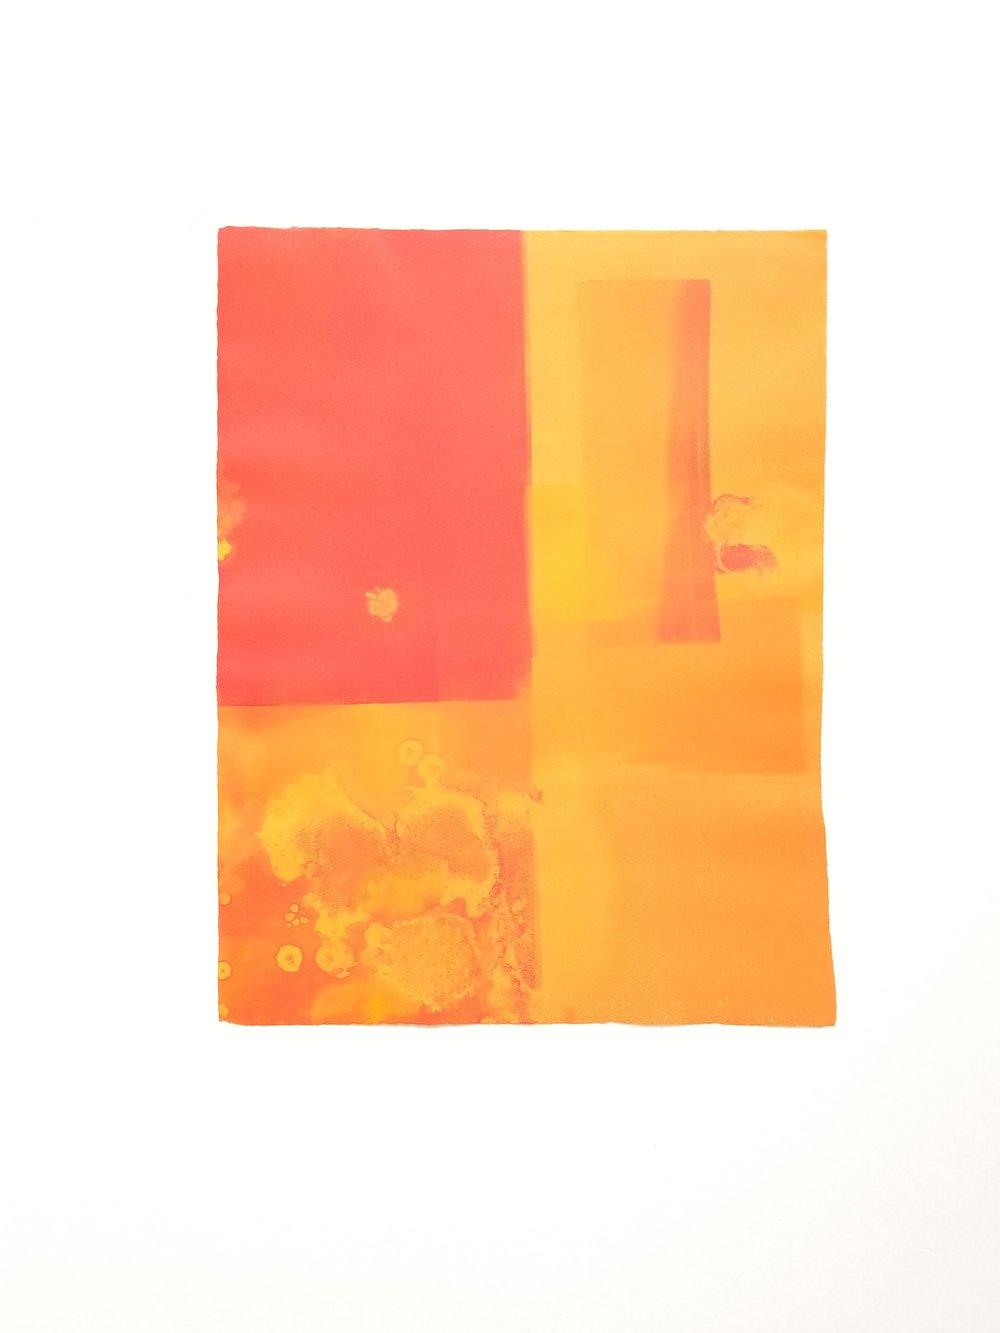 Monoprint No. 2